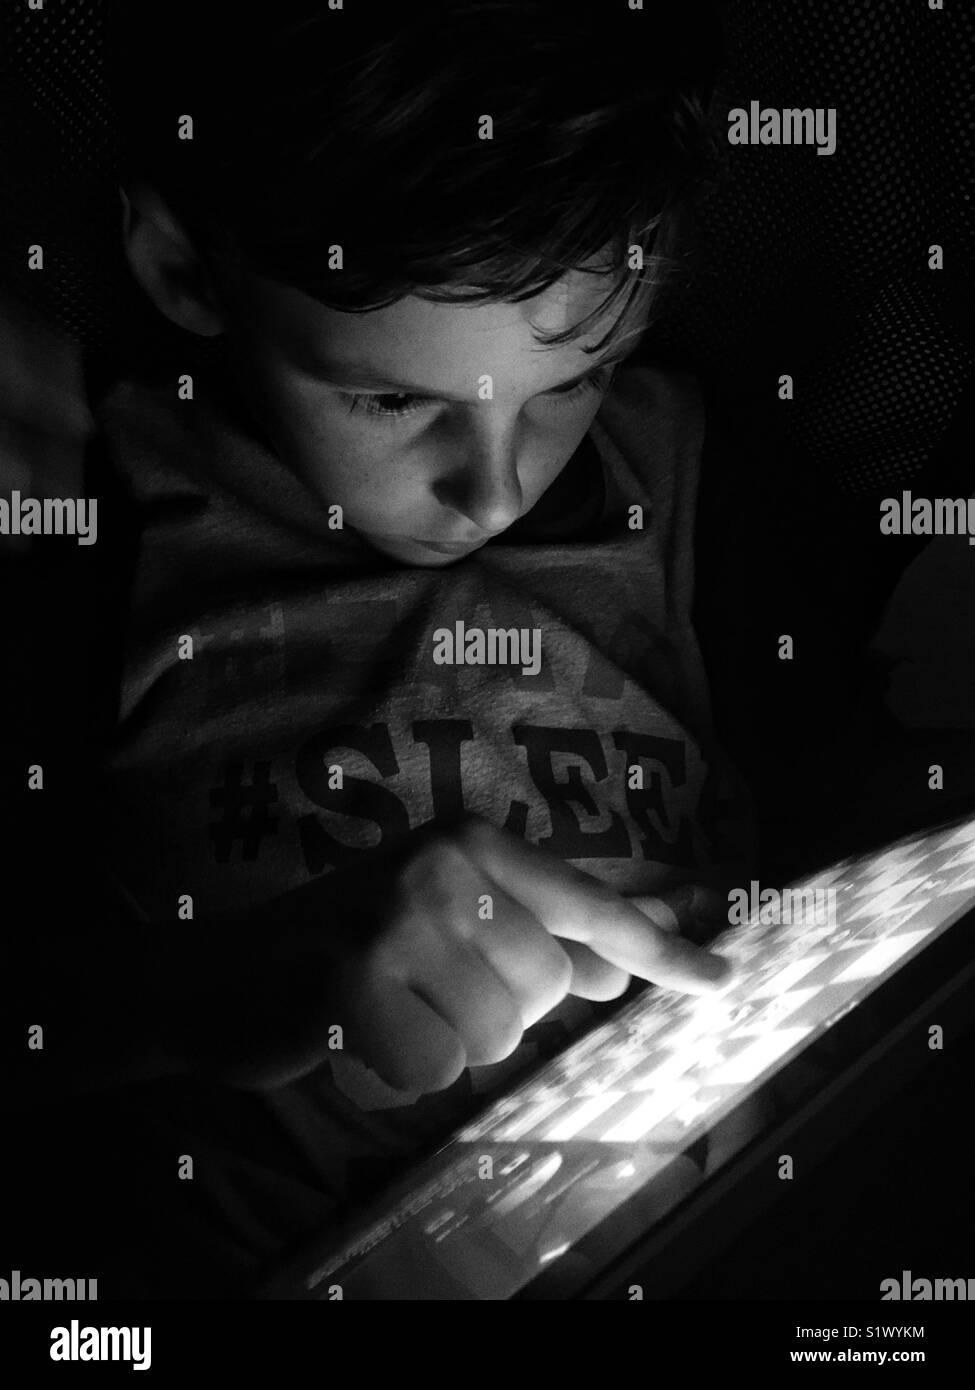 Jeune garçon jouant aux échecs sur tablette Photo Stock